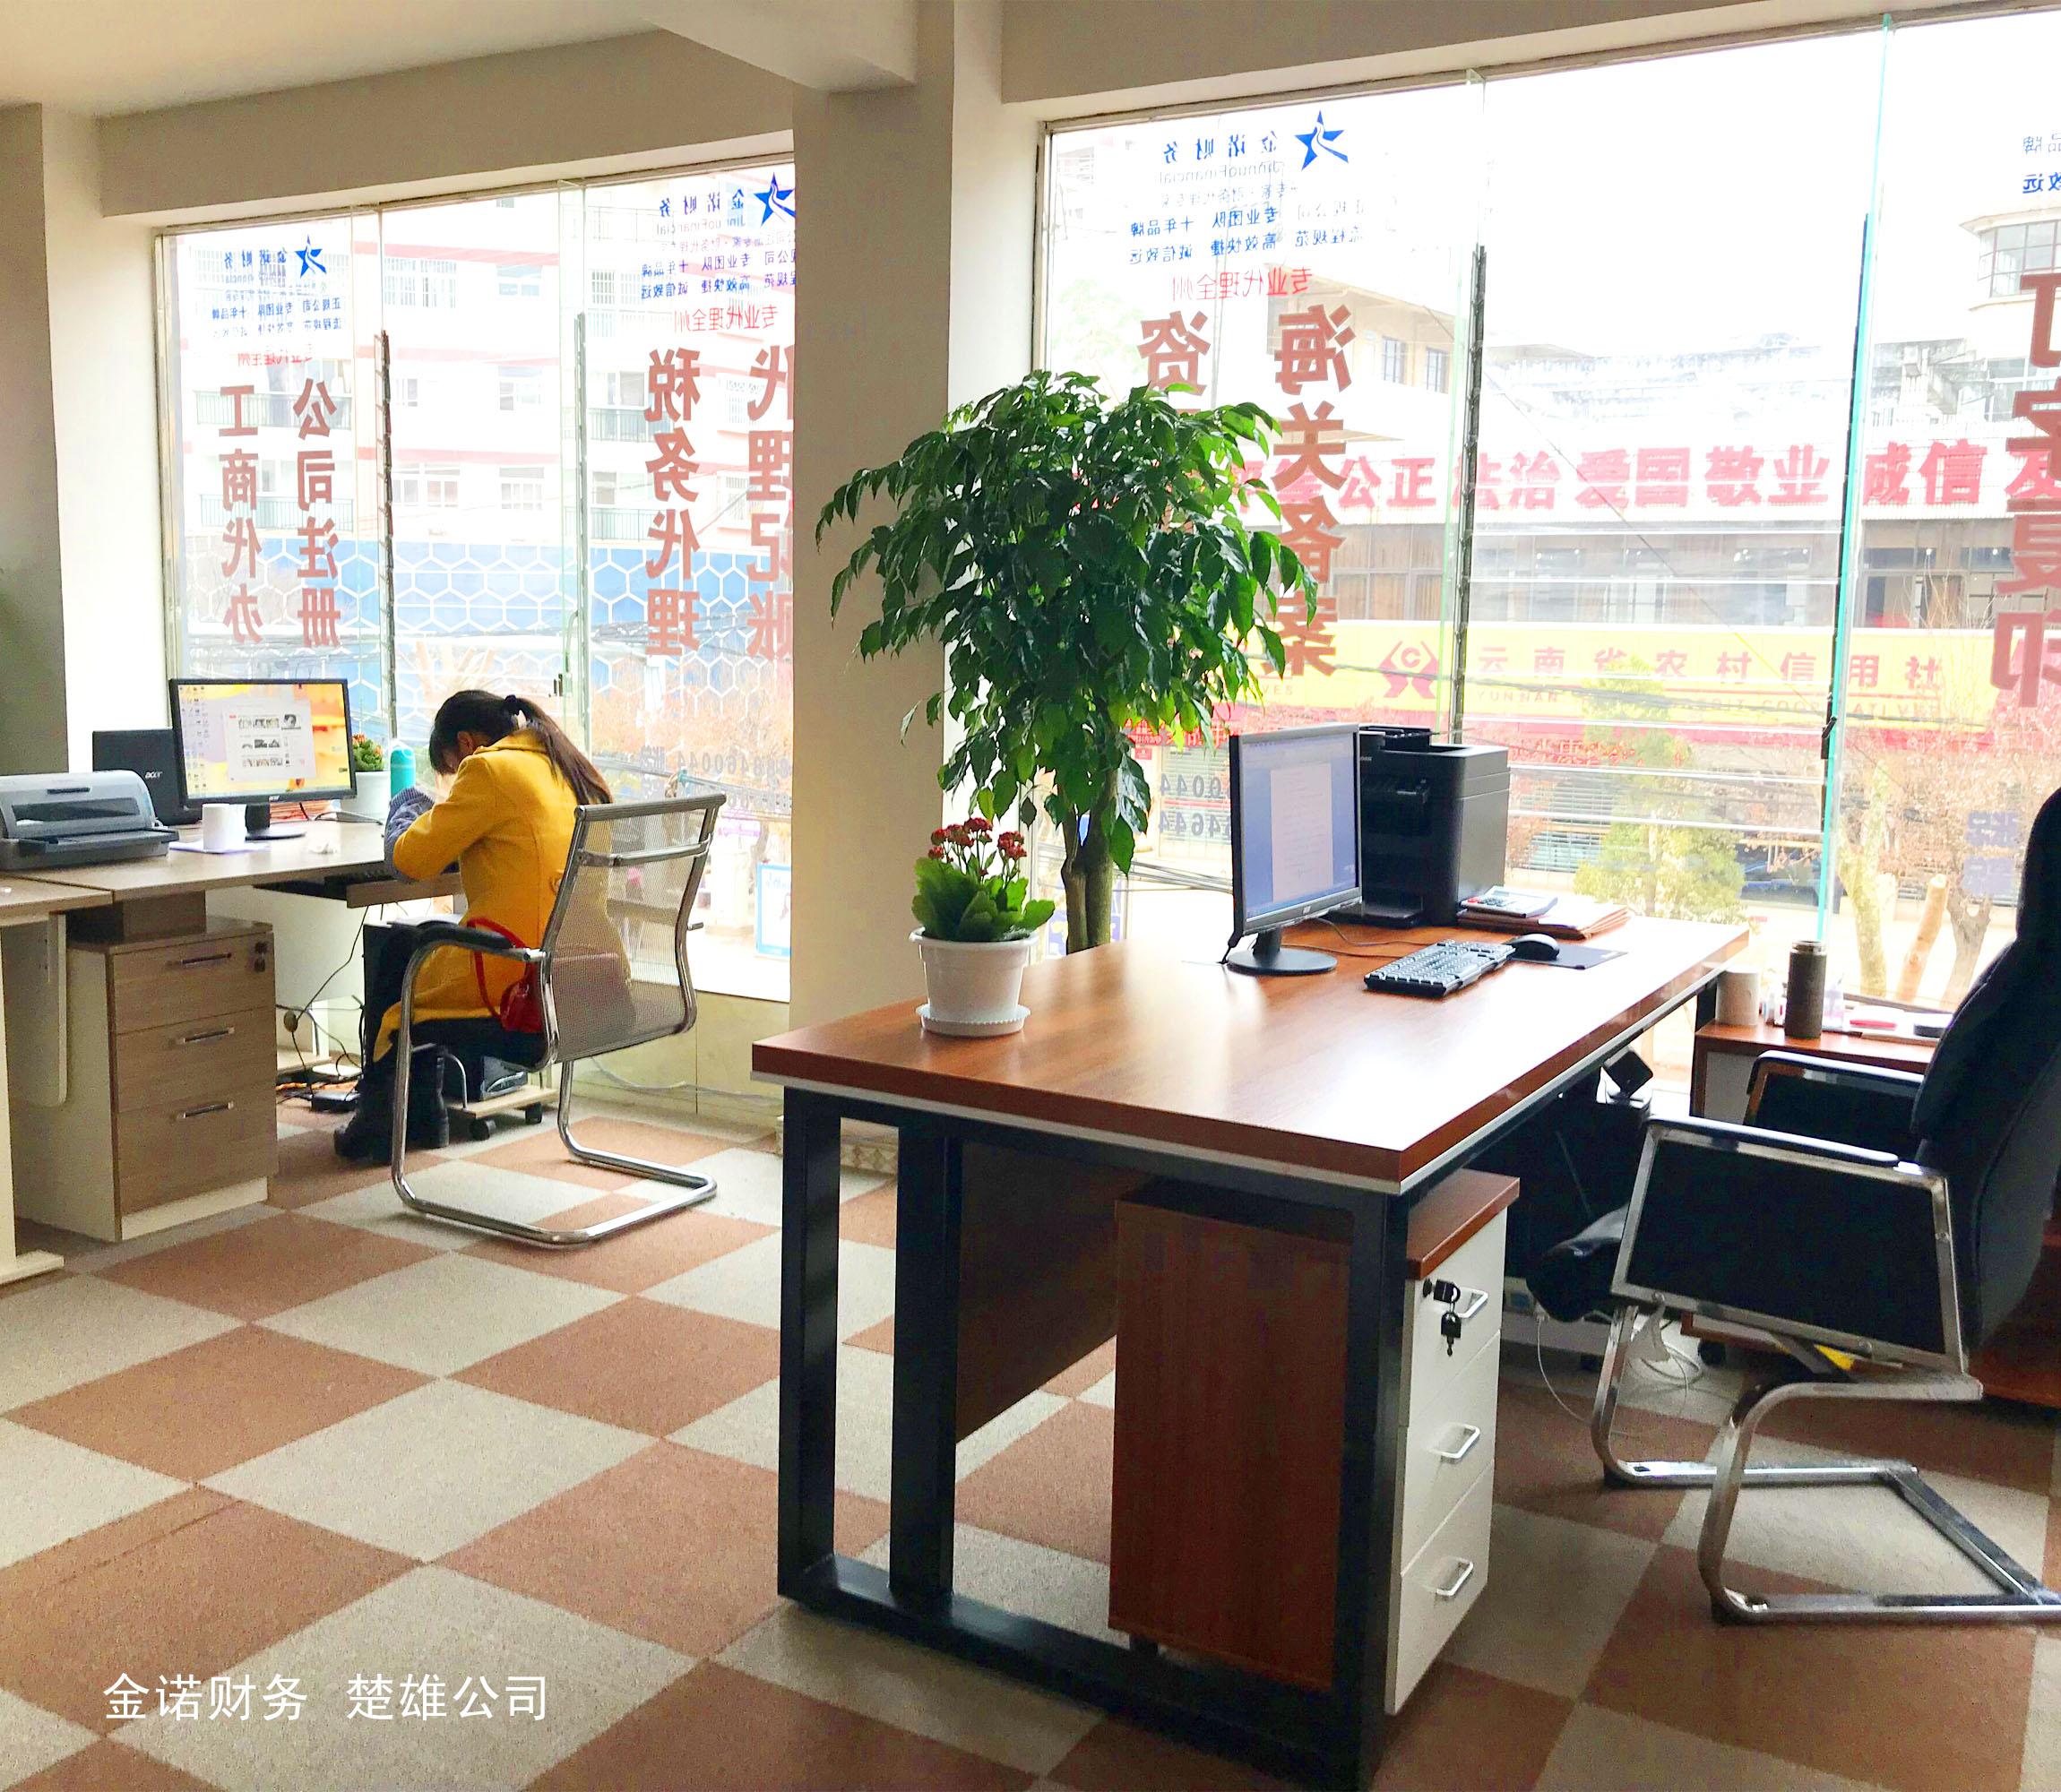 金諾財務-楚雄分公司辦公環境